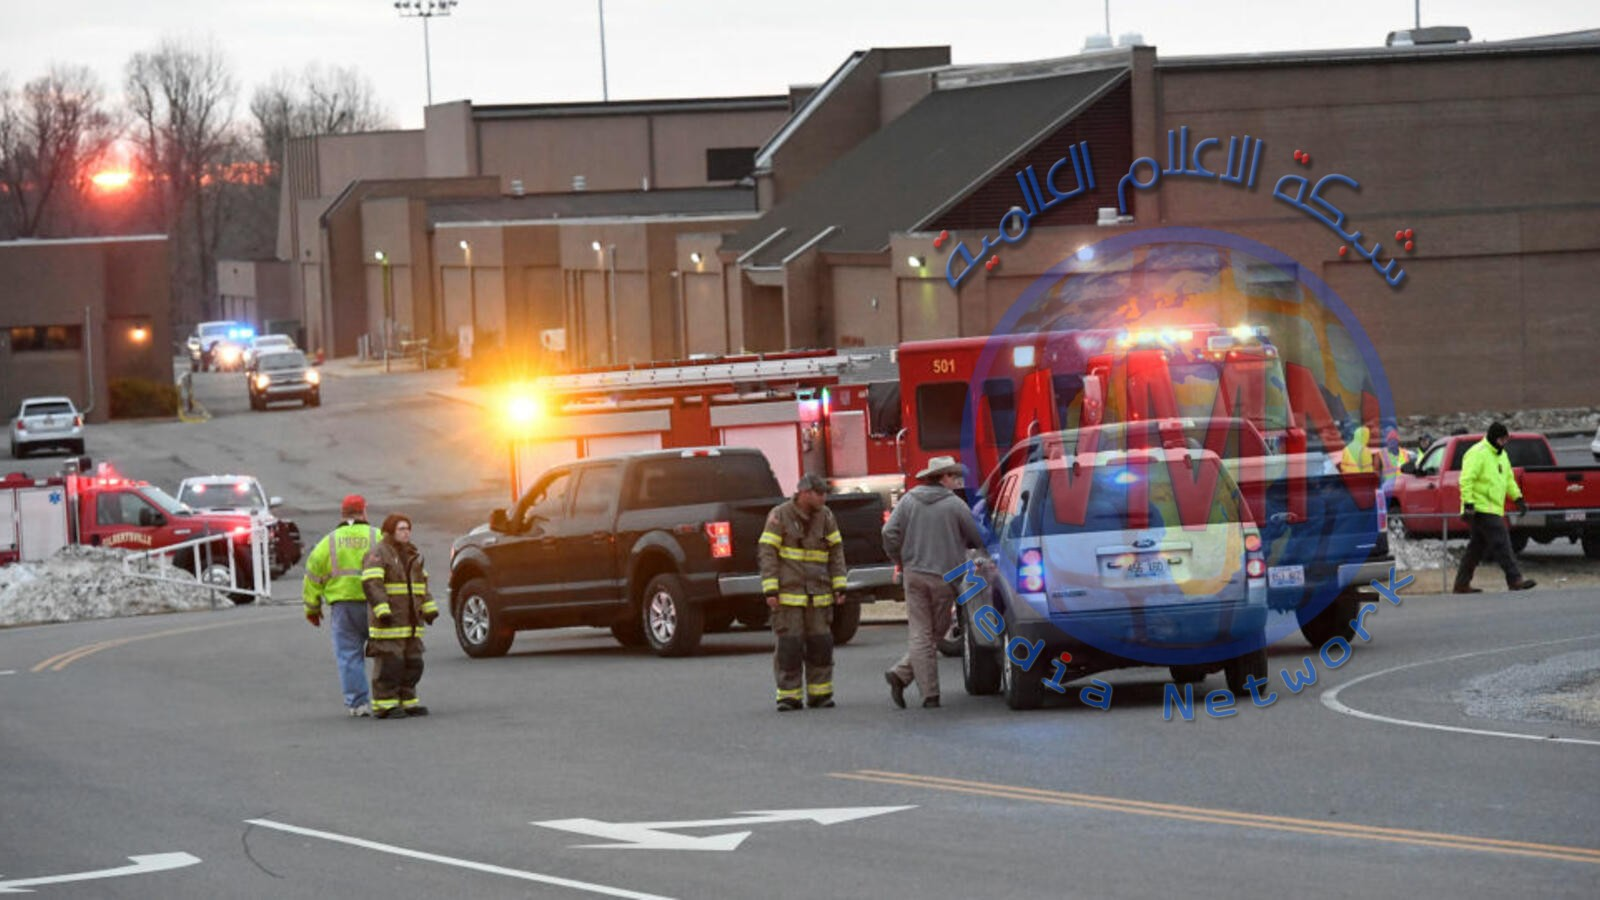 """قتيل وجرحى باقتحام طالبين مسلحين مدرسة في """"دنفر"""" بالولايات المتحدة"""